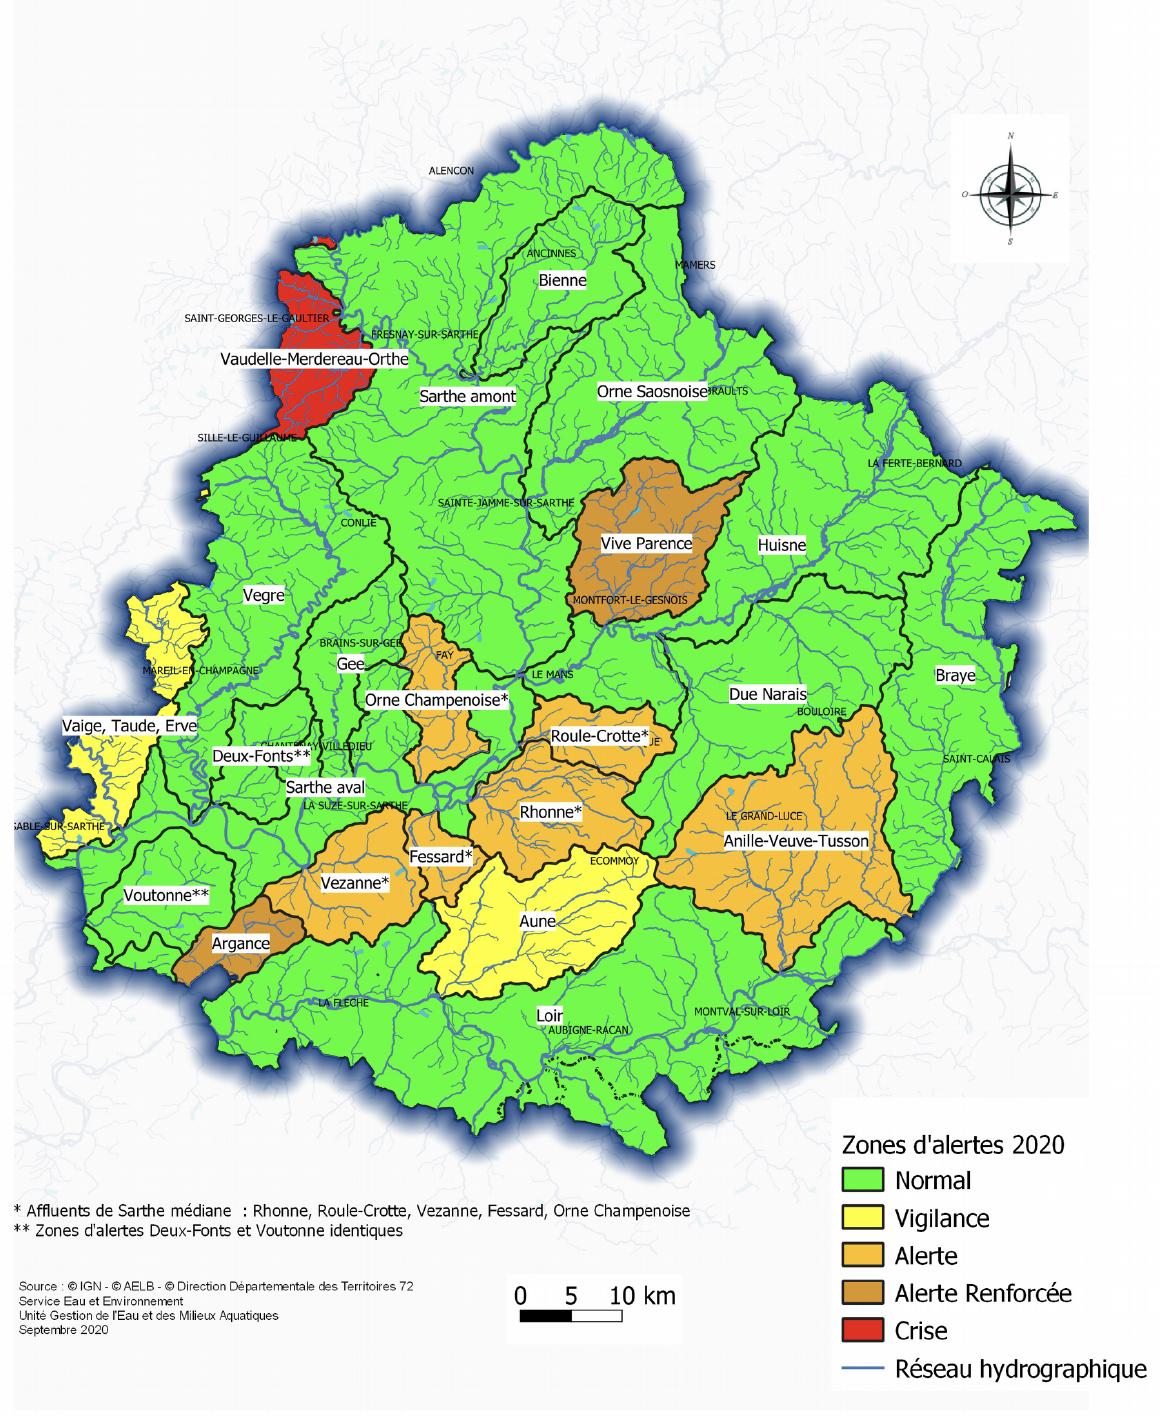 Situation au 11 octobre 2020 des zones d'alertes par rapport aux seuils de l'arrêté cadre sécheresse du 30 juin 2020.